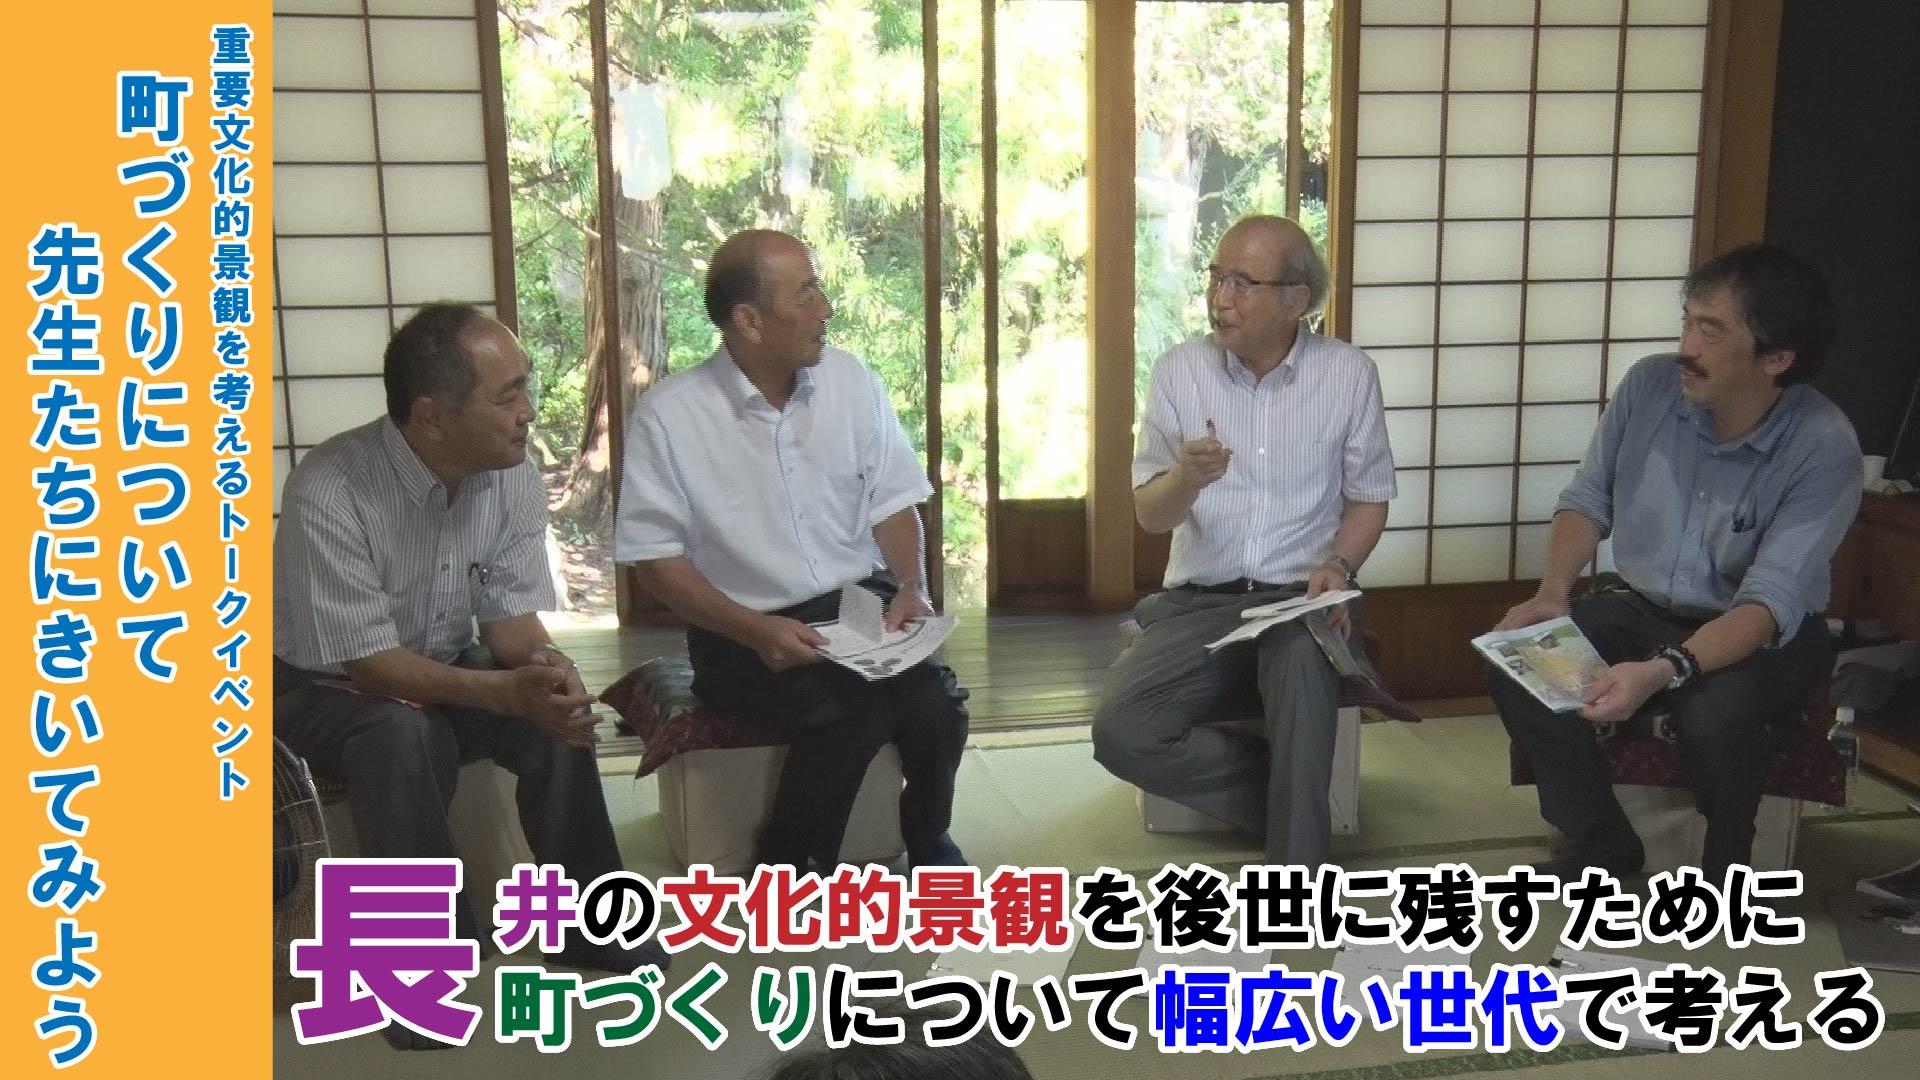 【長井市】重要文化的景観を考えるトークイベント(令和元年9月8日)